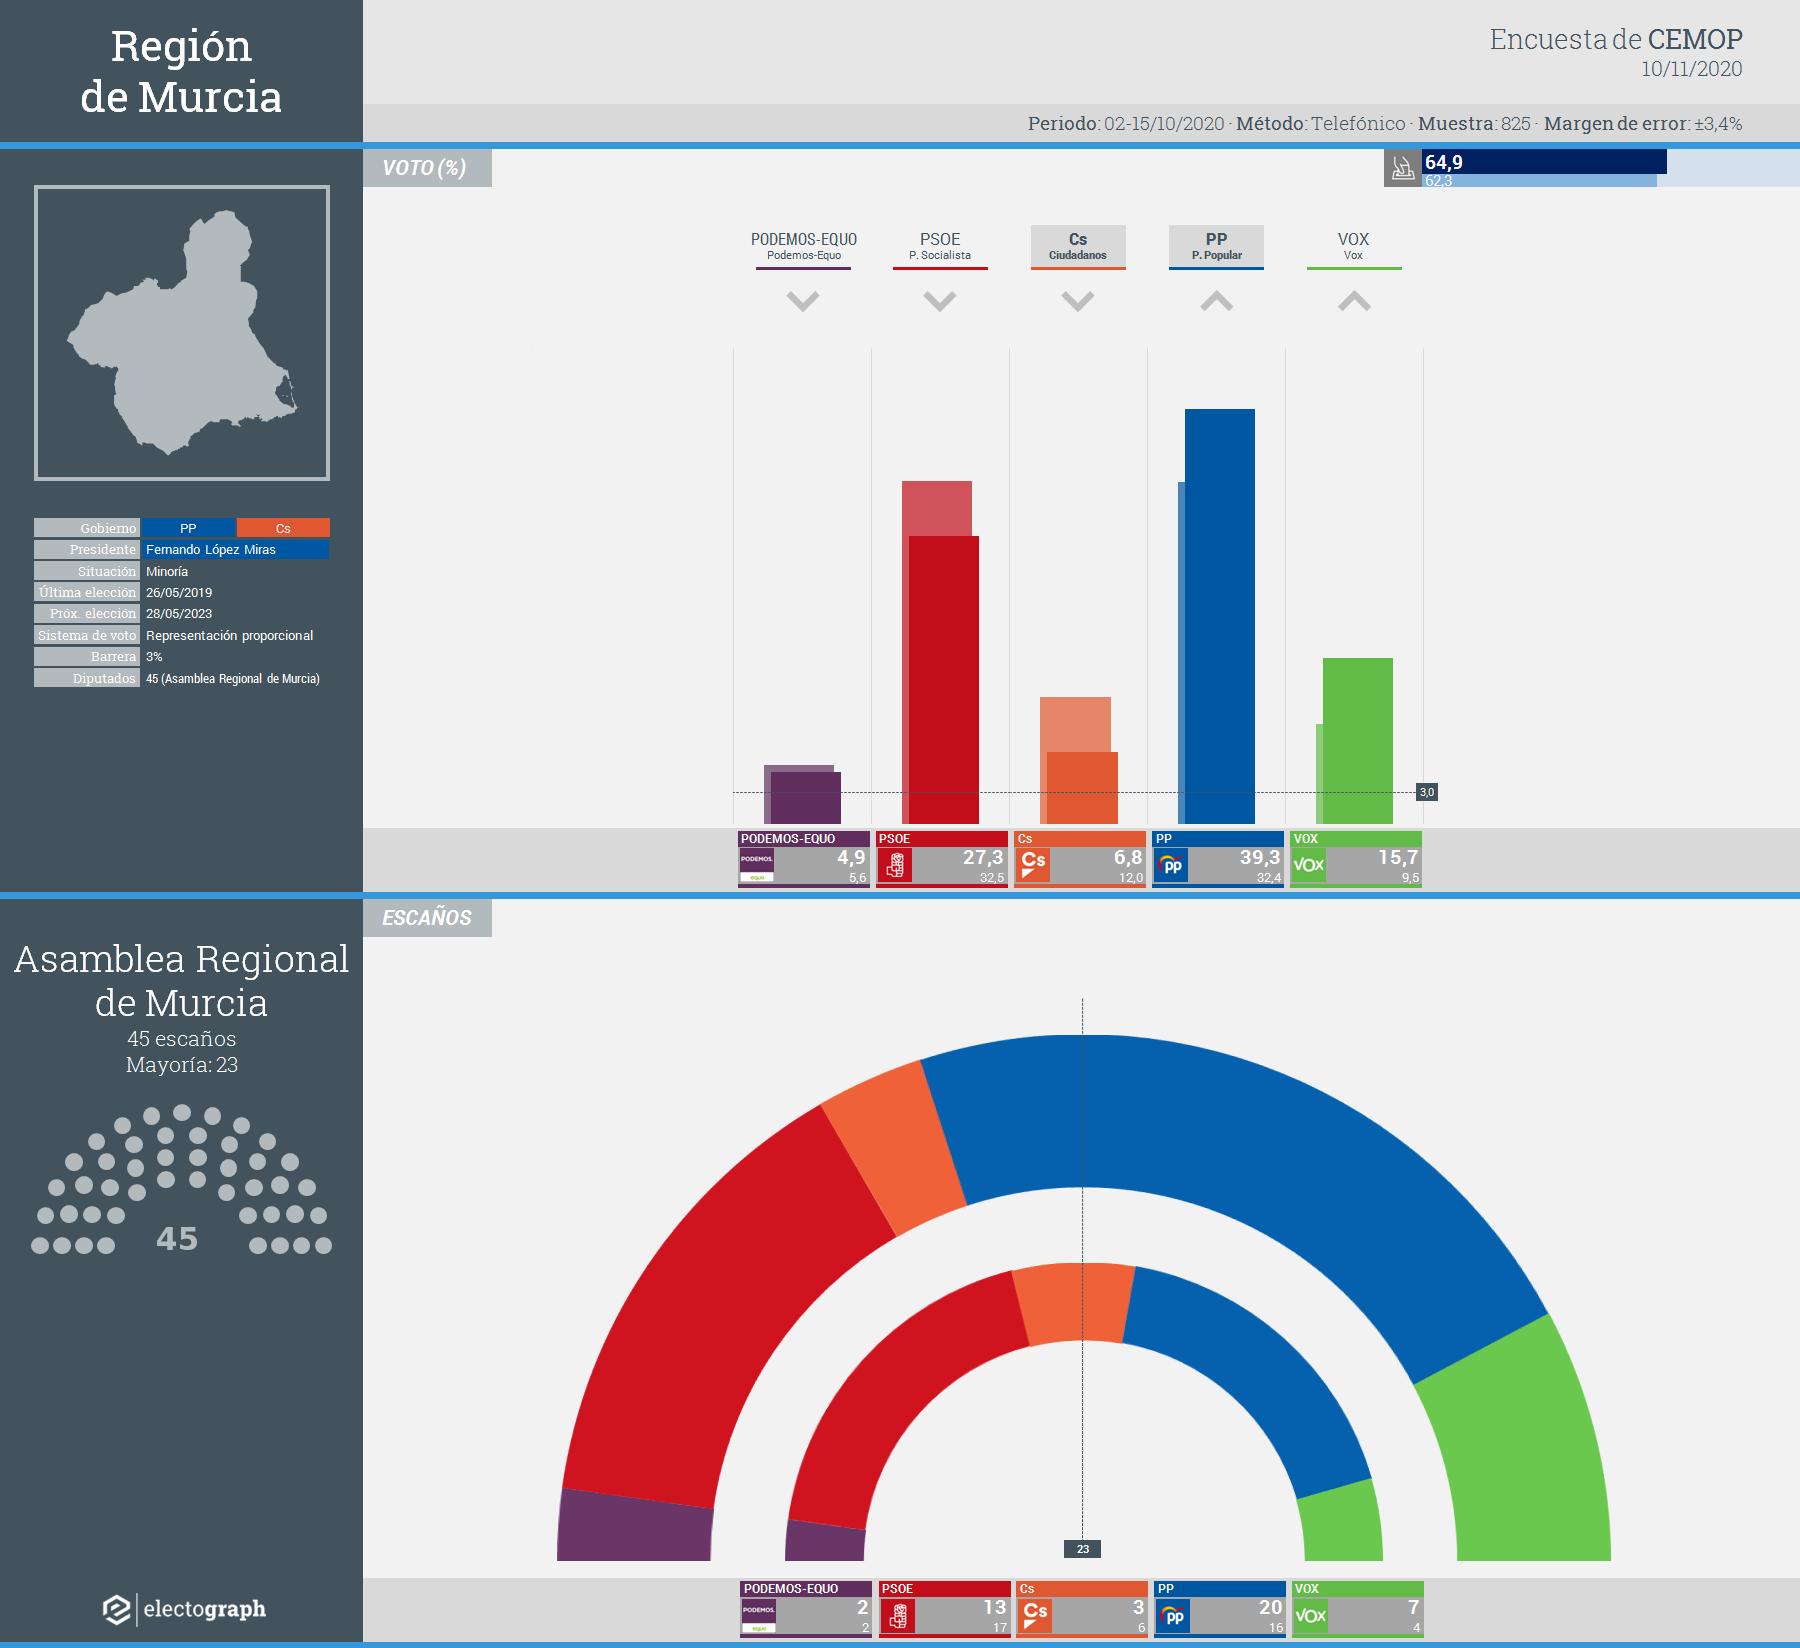 Gráfico de la encuesta para elecciones autonómicas en la Región de Murcia realizada por CEMOP para la Asamblea Regional de Murcia, 10 de noviembre de 2020